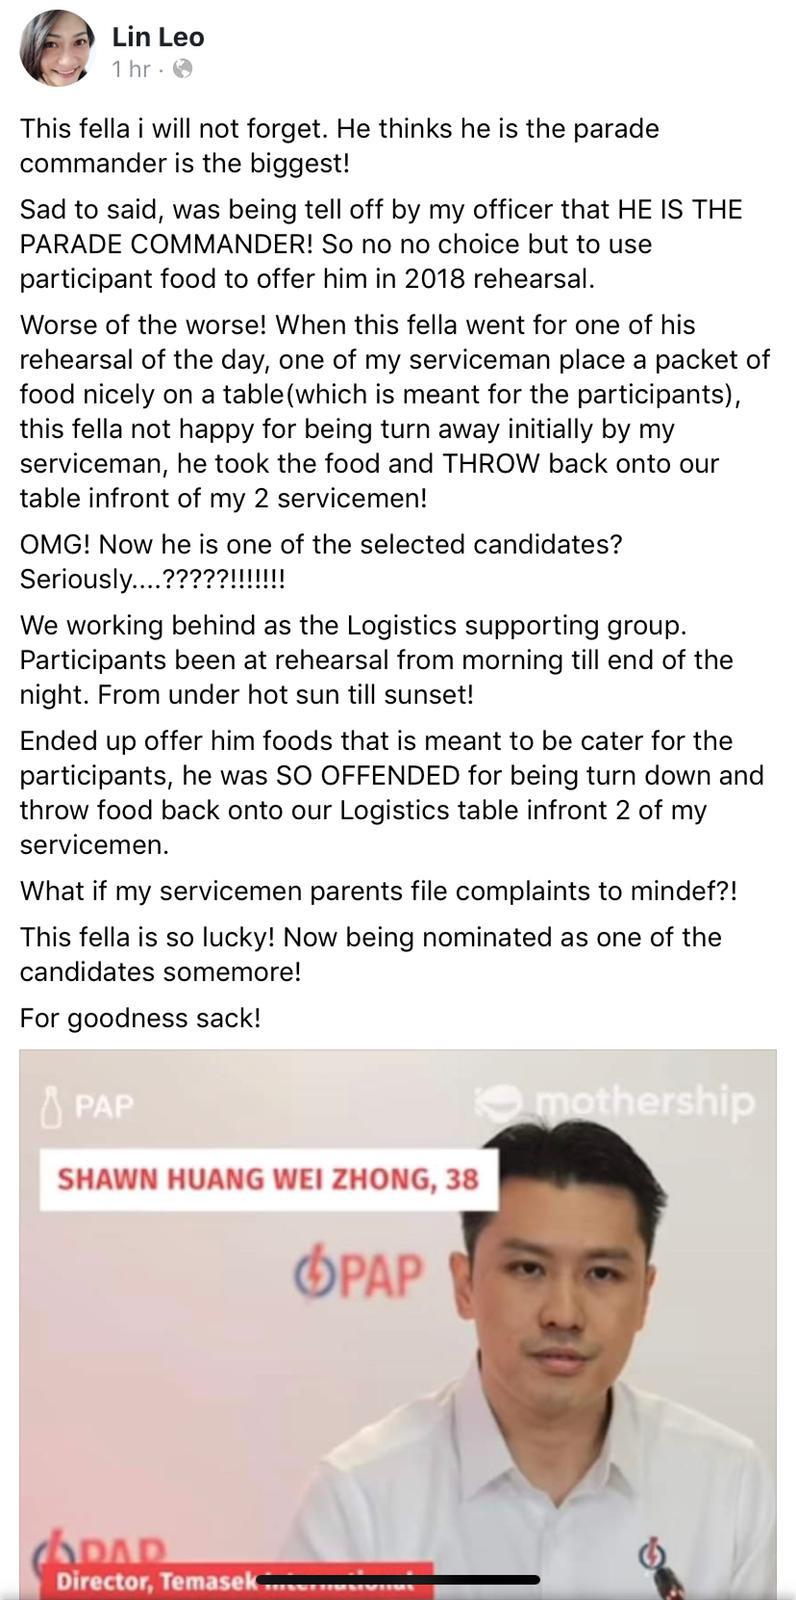 Shawn HUang Wei Zhong